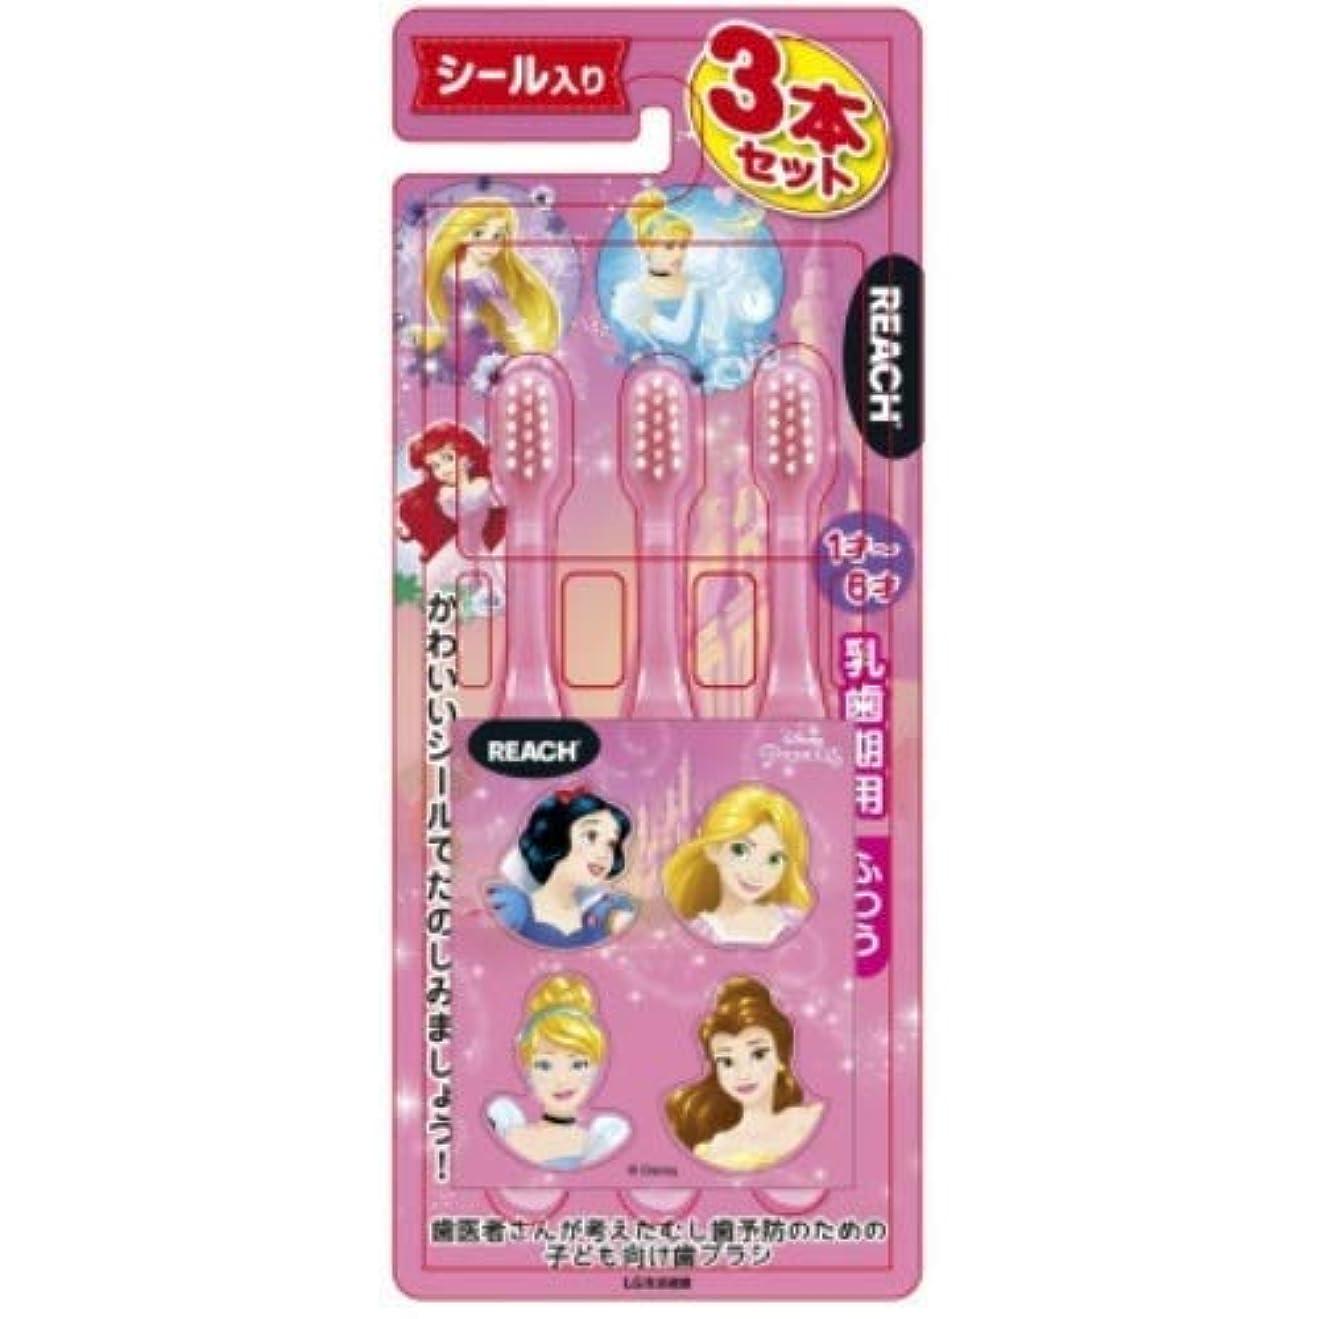 リーチキッズ3本(シール入り) プリンセス 乳歯期用 × 4個セット